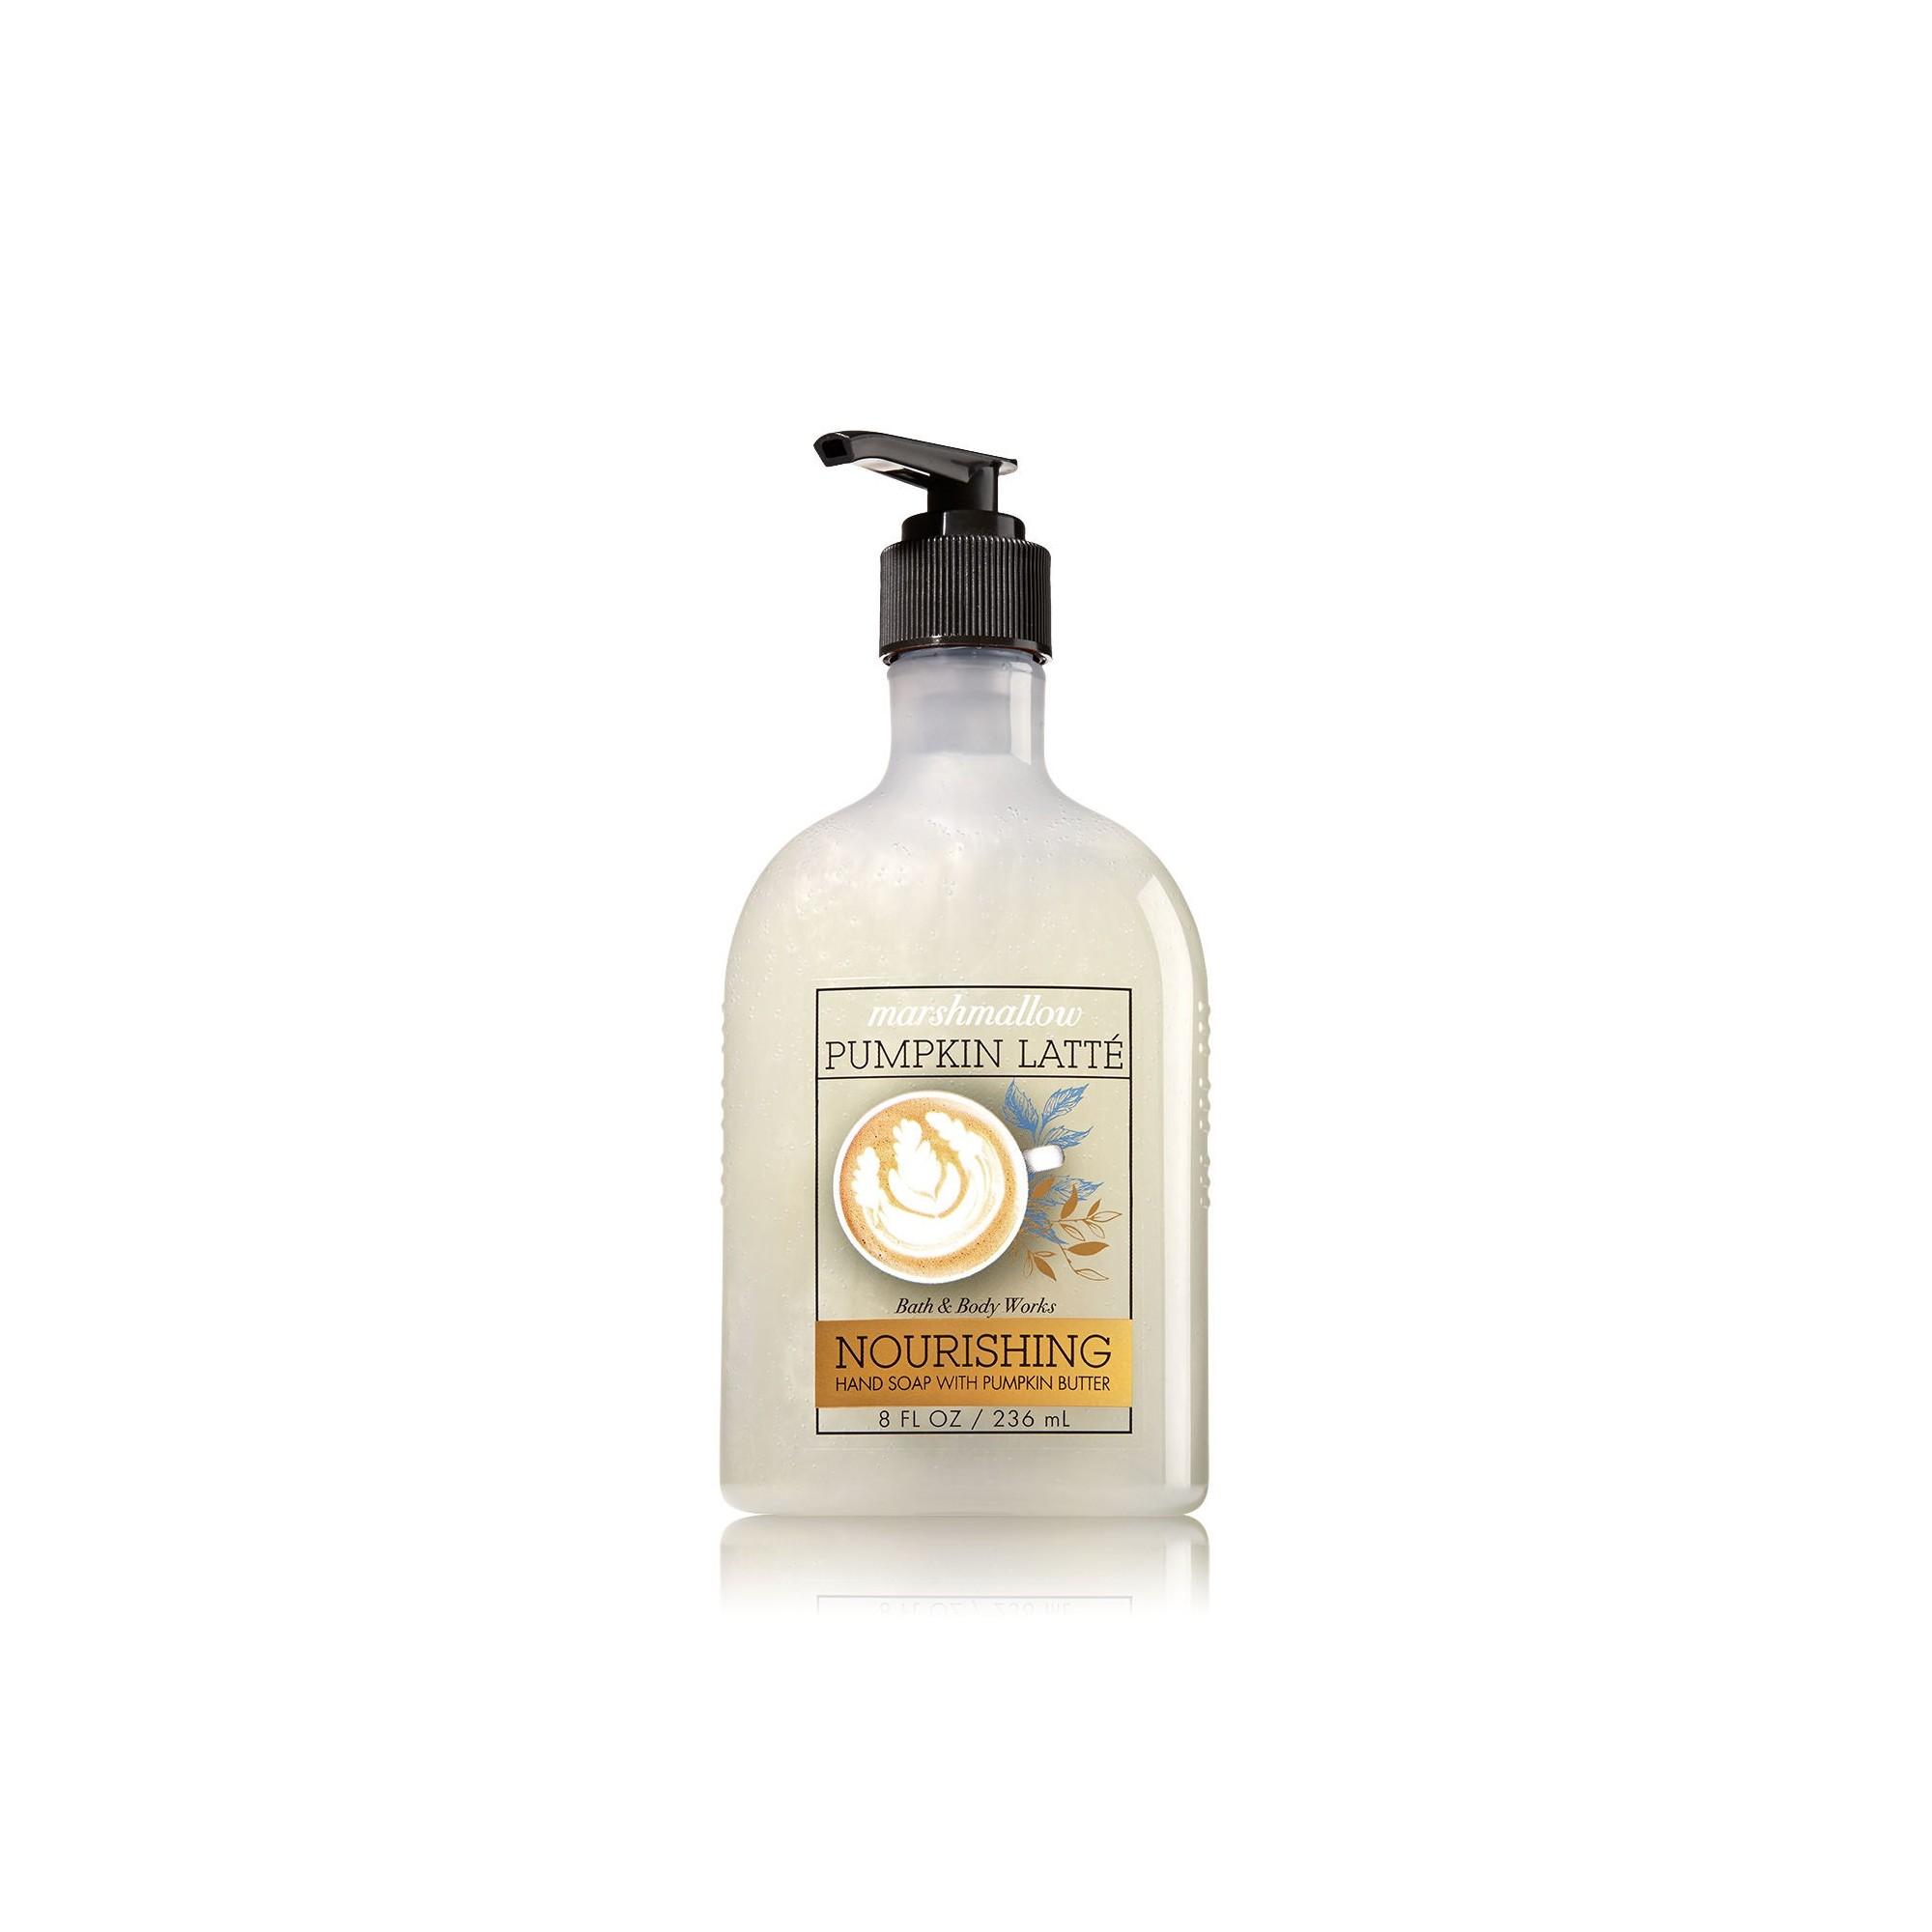 Bath & Body Works Marshmallow Pumpkin Latte Hand Soap with Pumpkin Butter